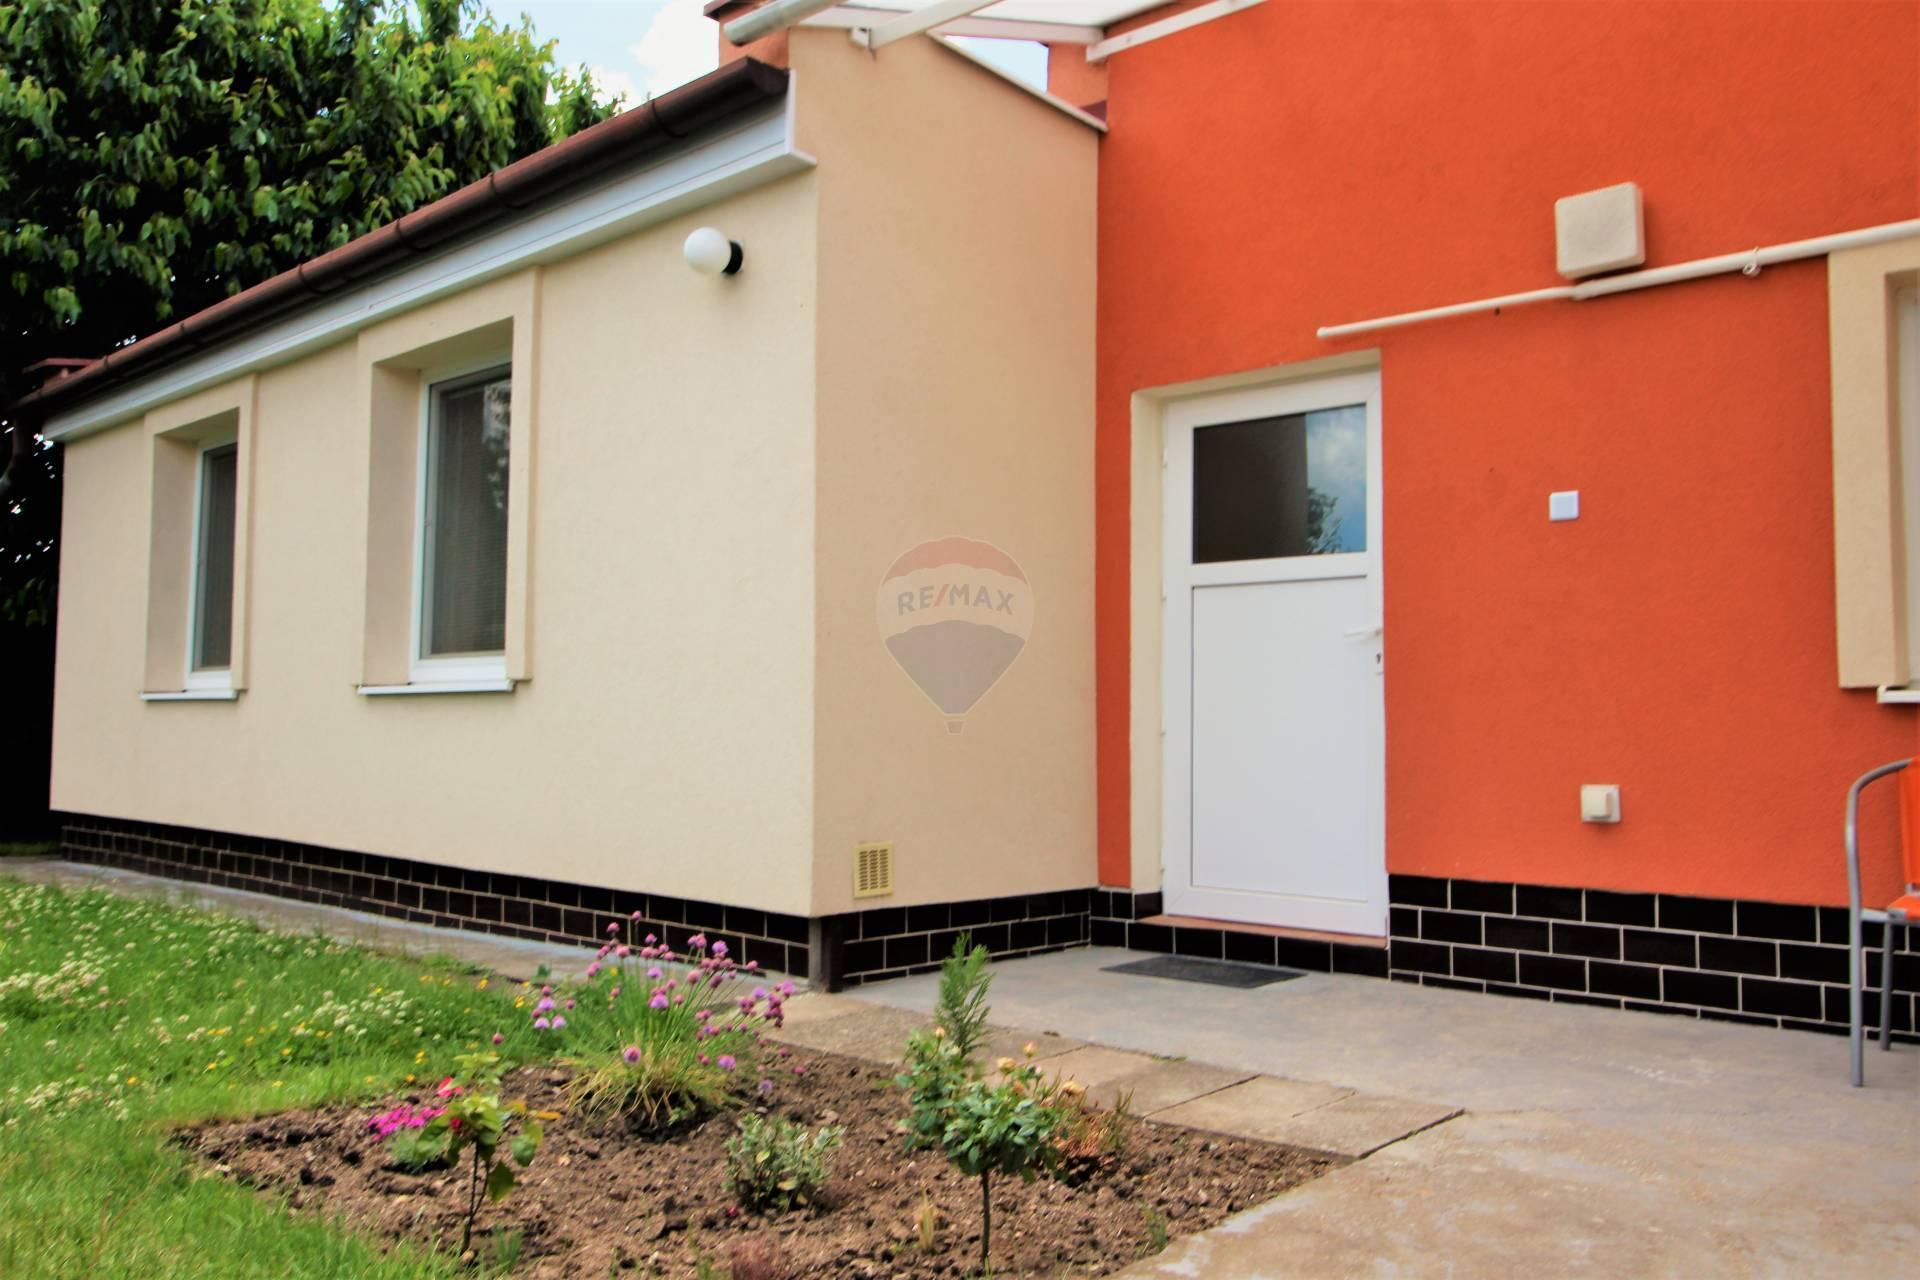 RE/MAX ponúka na dlhodobý  prenájom  2 izbový byt s dvorom  a záhradou  v Trnave.